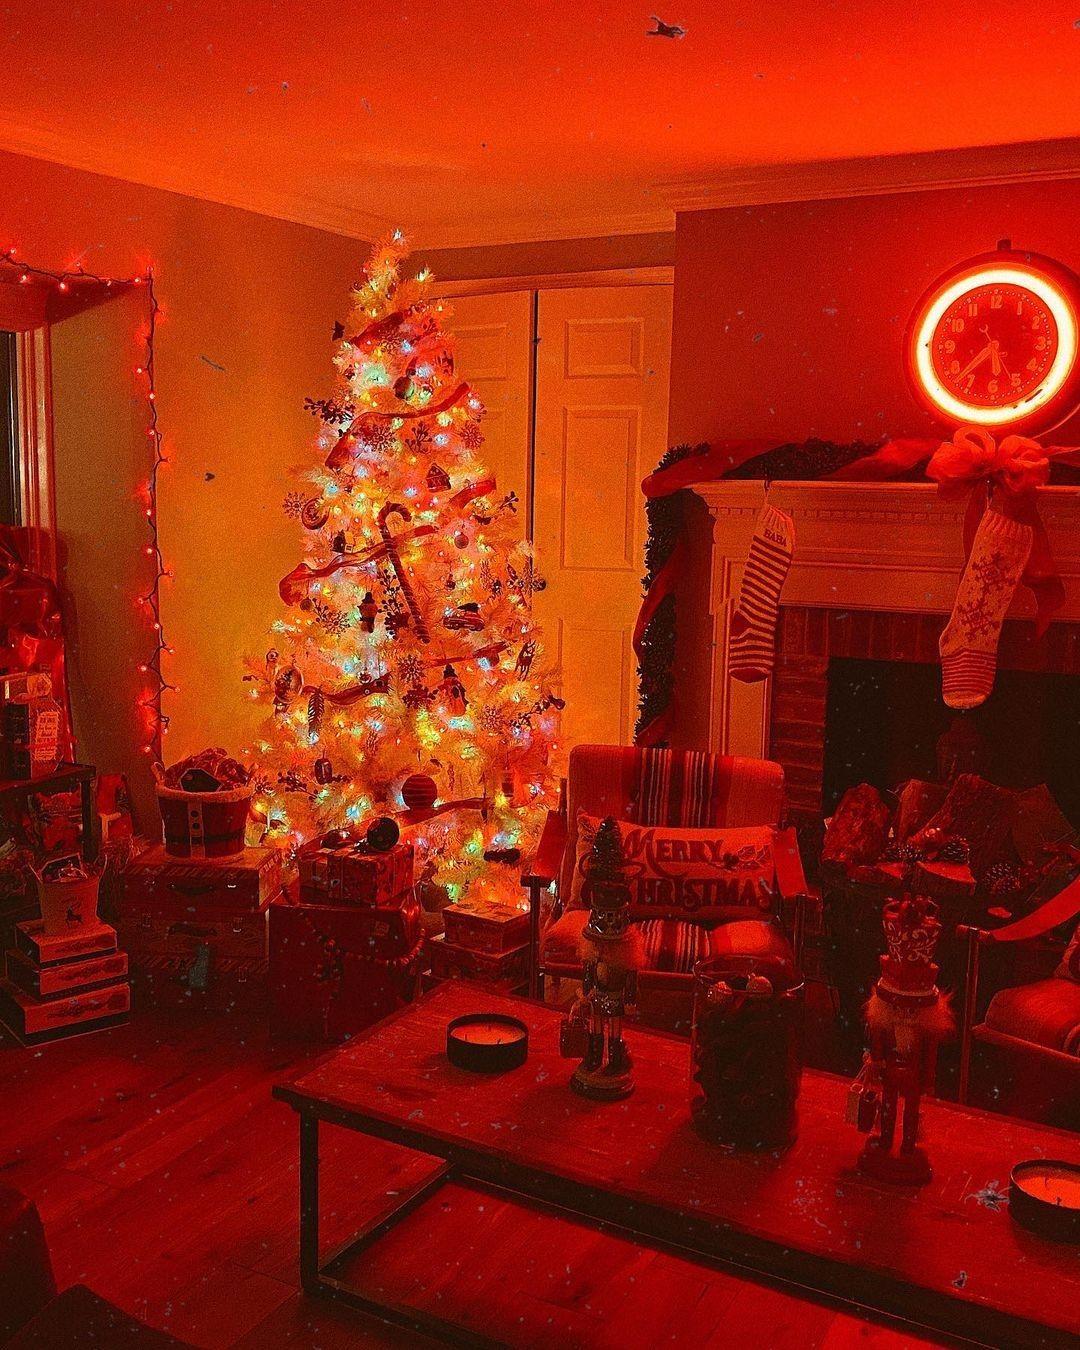 Le decorazioni per Natale di Gigi Hadid - Neomag.